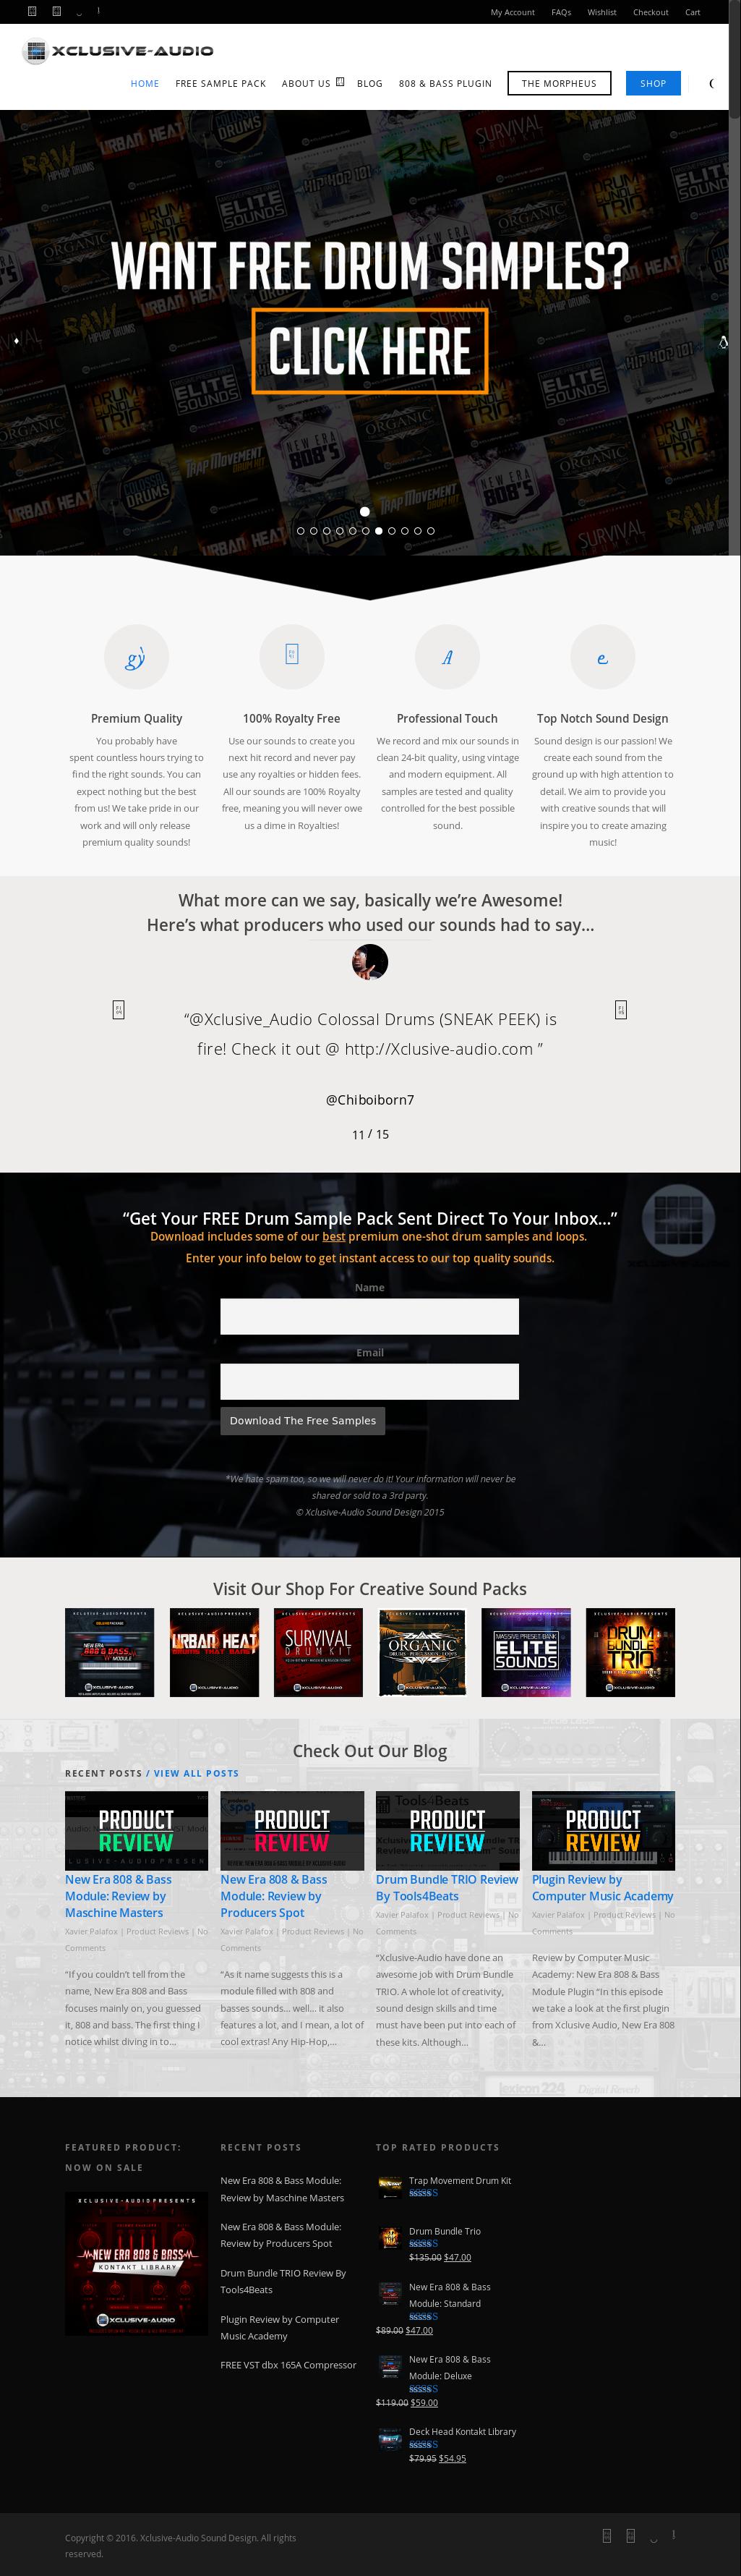 new era 808 & bass module free